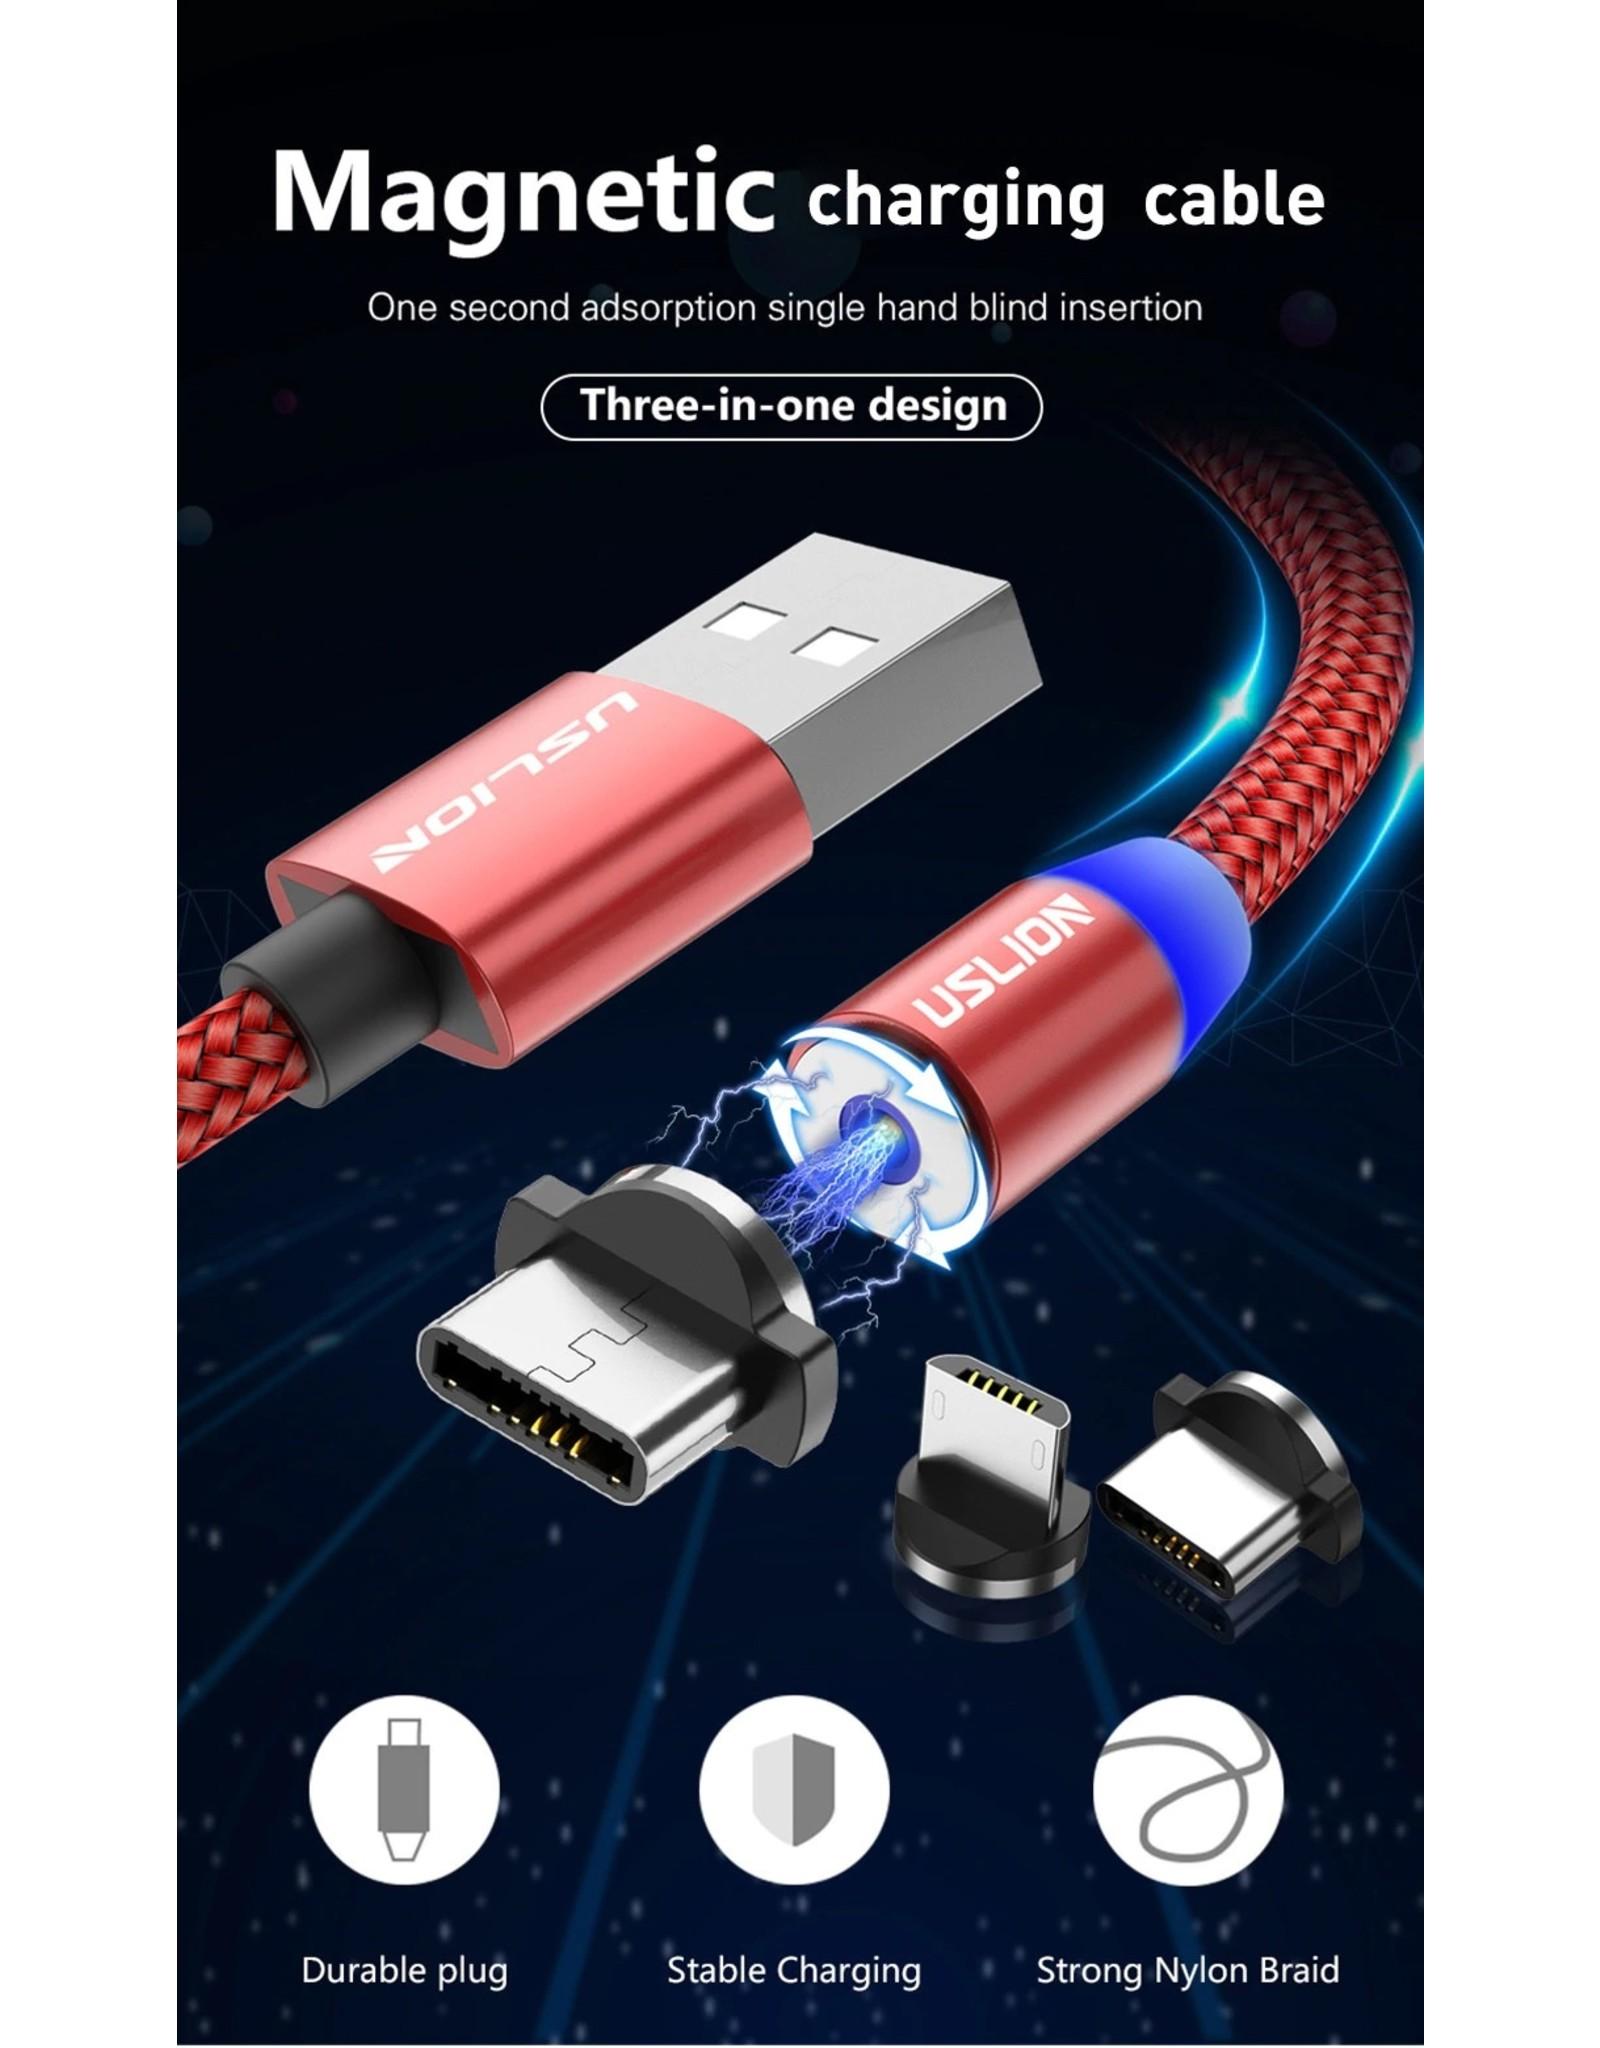 Magnetische Oplaadkabel - Magneet met Type-C adapter - 360 graden – Laadkabel draaibaar